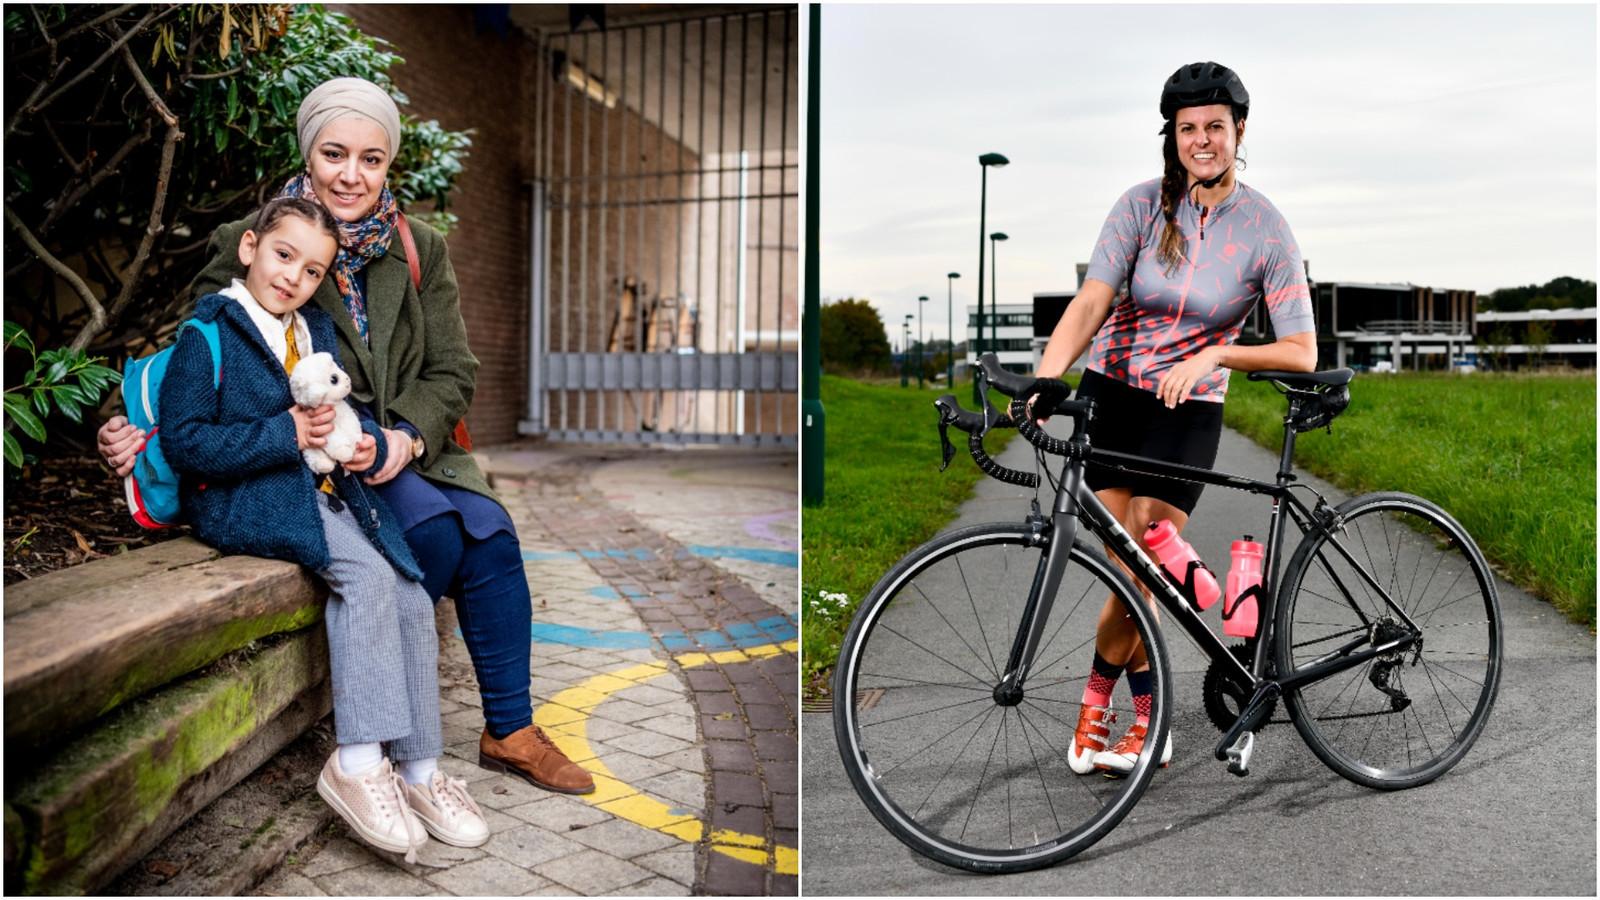 Meriem Saissi (links) gebruikte de vrijgekomen tijd om te studeren. Projectcoördinator Ellen Desloovere (rechts) gebruikte de vrijgekomen tijd dan weer om meer kilometers op haar racefiets te maken.